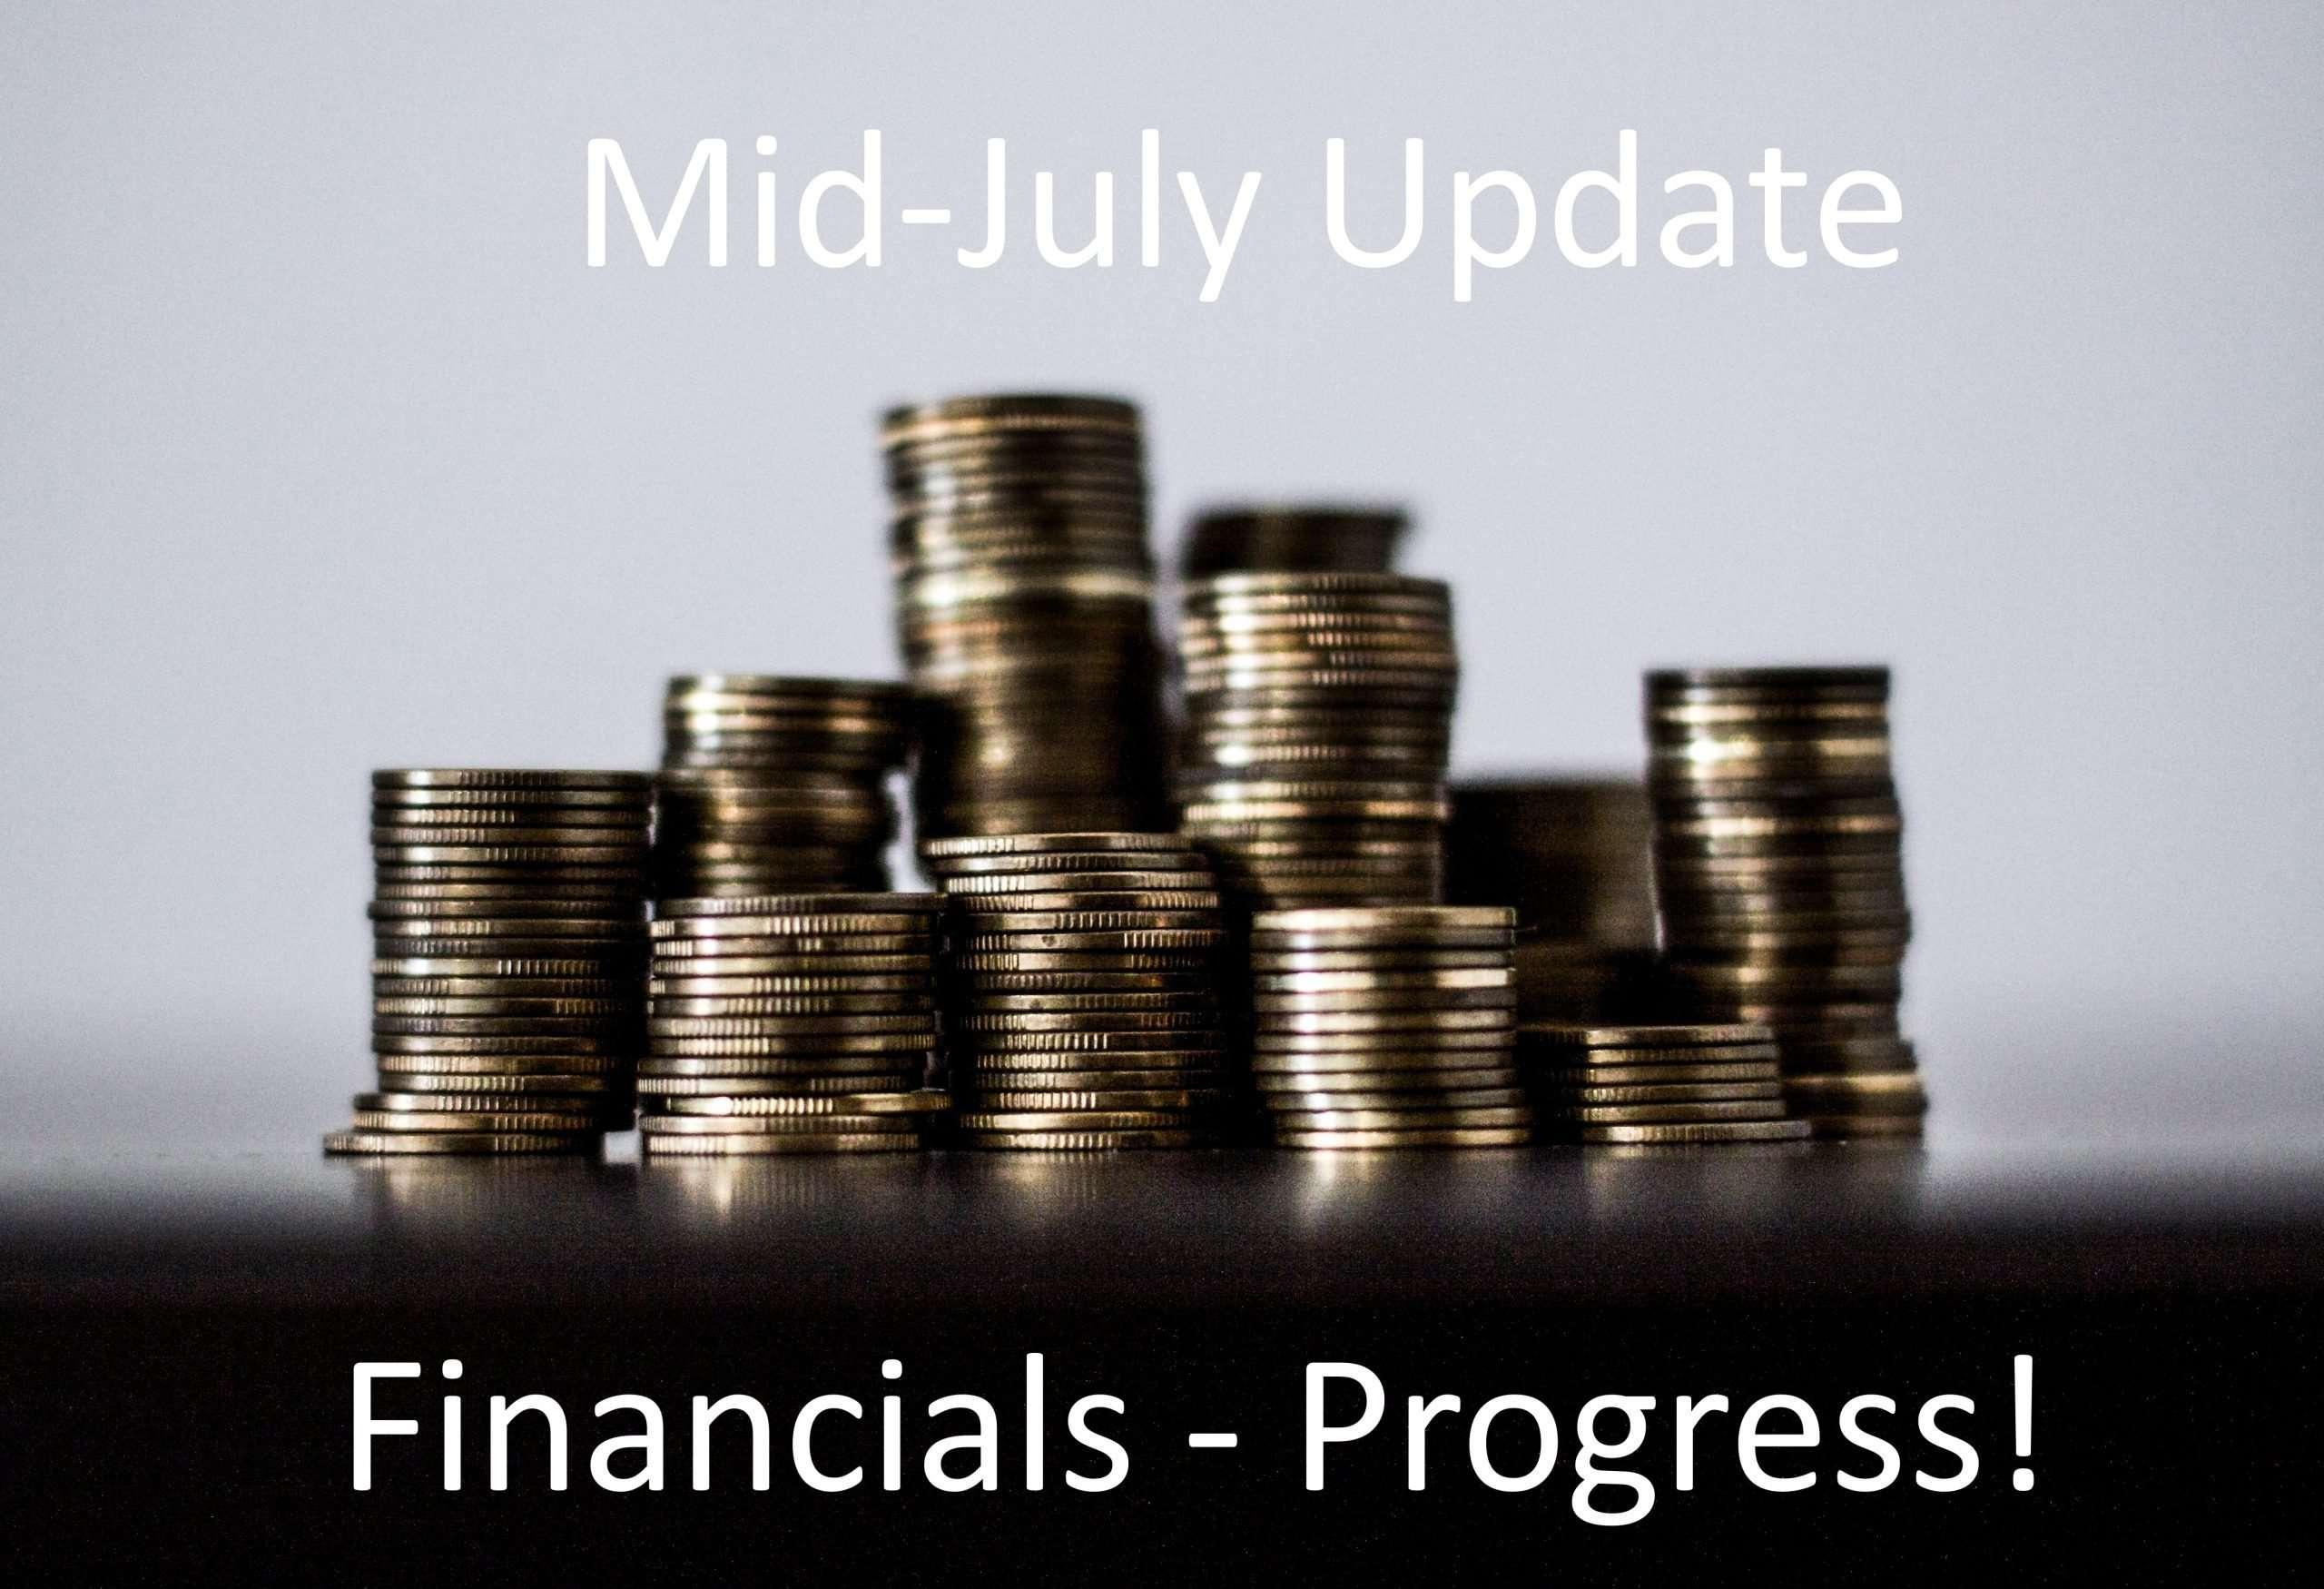 Financial Update: Mid-July 2018 – Progress!